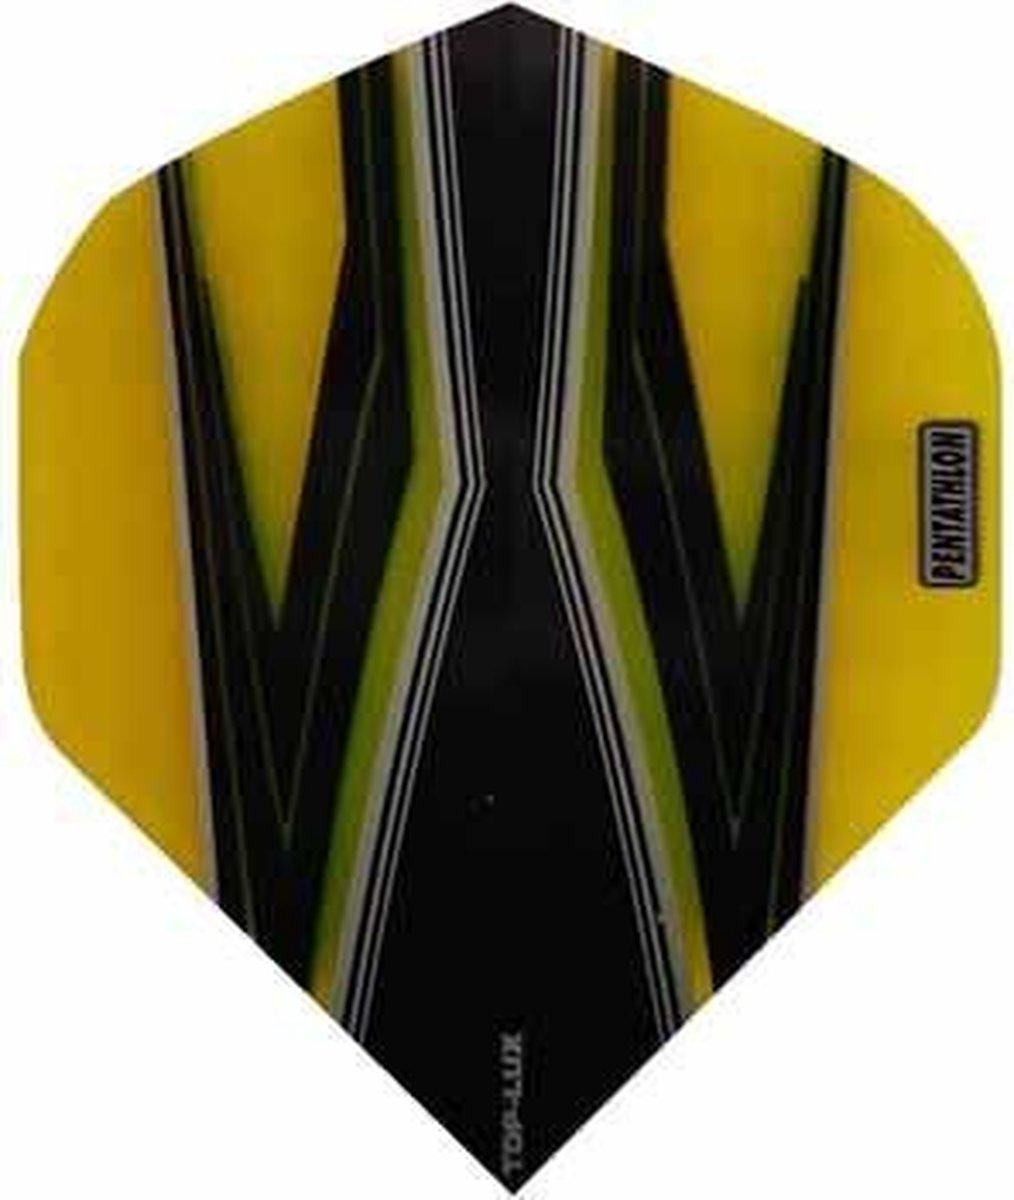 ABC Darts Flights Pentathlon - Spitfire Z geel - 10 sets